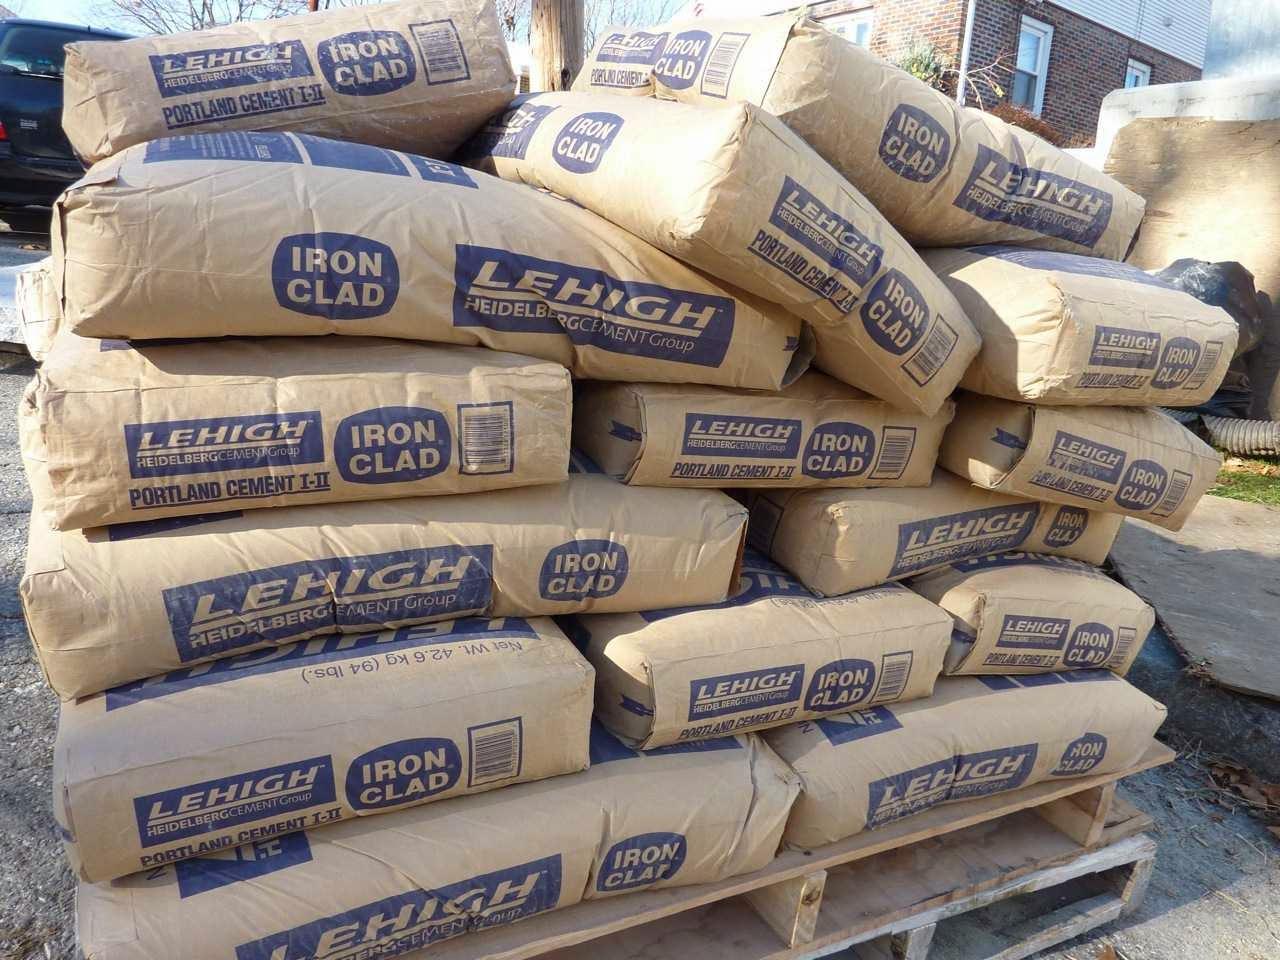 صورة تباين في أسعار الاسمنت مع بداية أول أيام الأسبوع